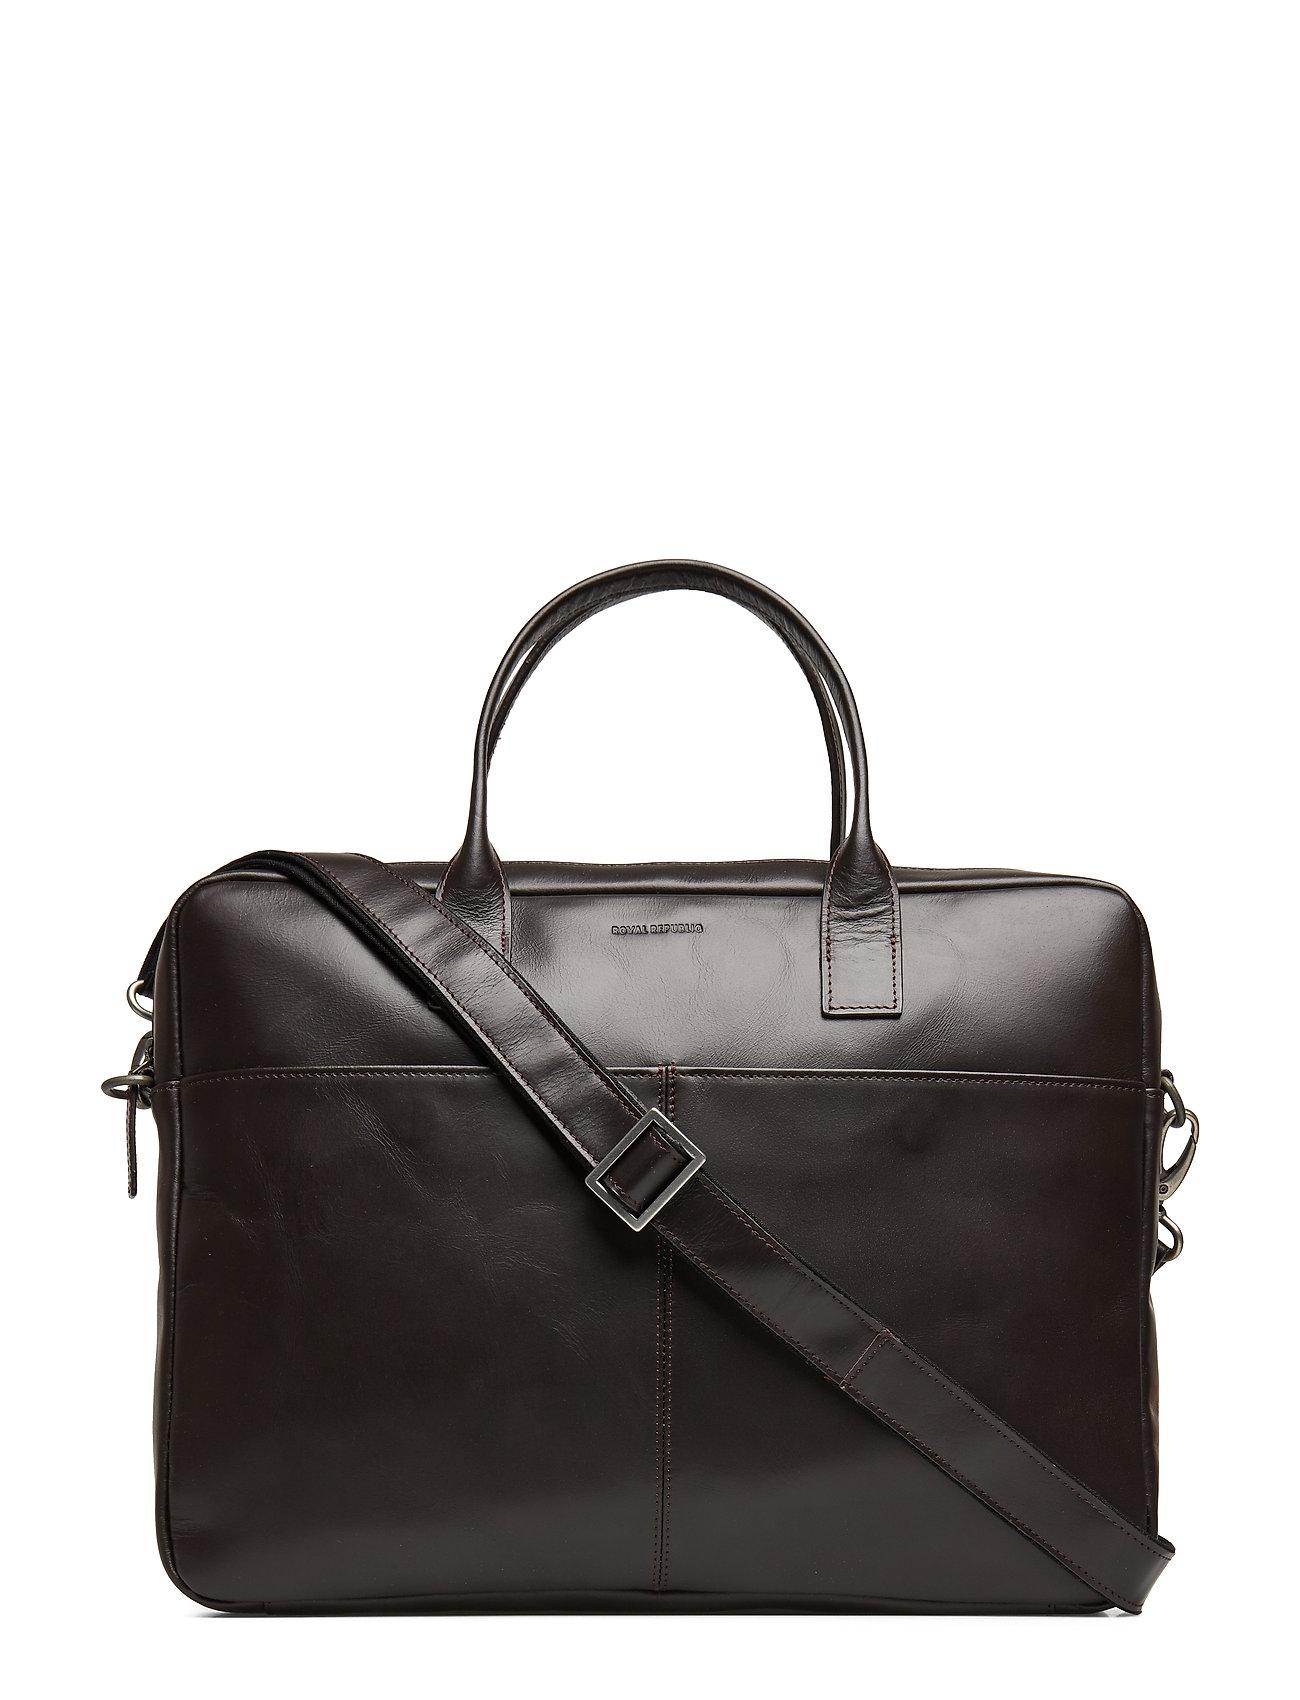 Royal RepubliQ Metropolis Laptop Bag - BROWN